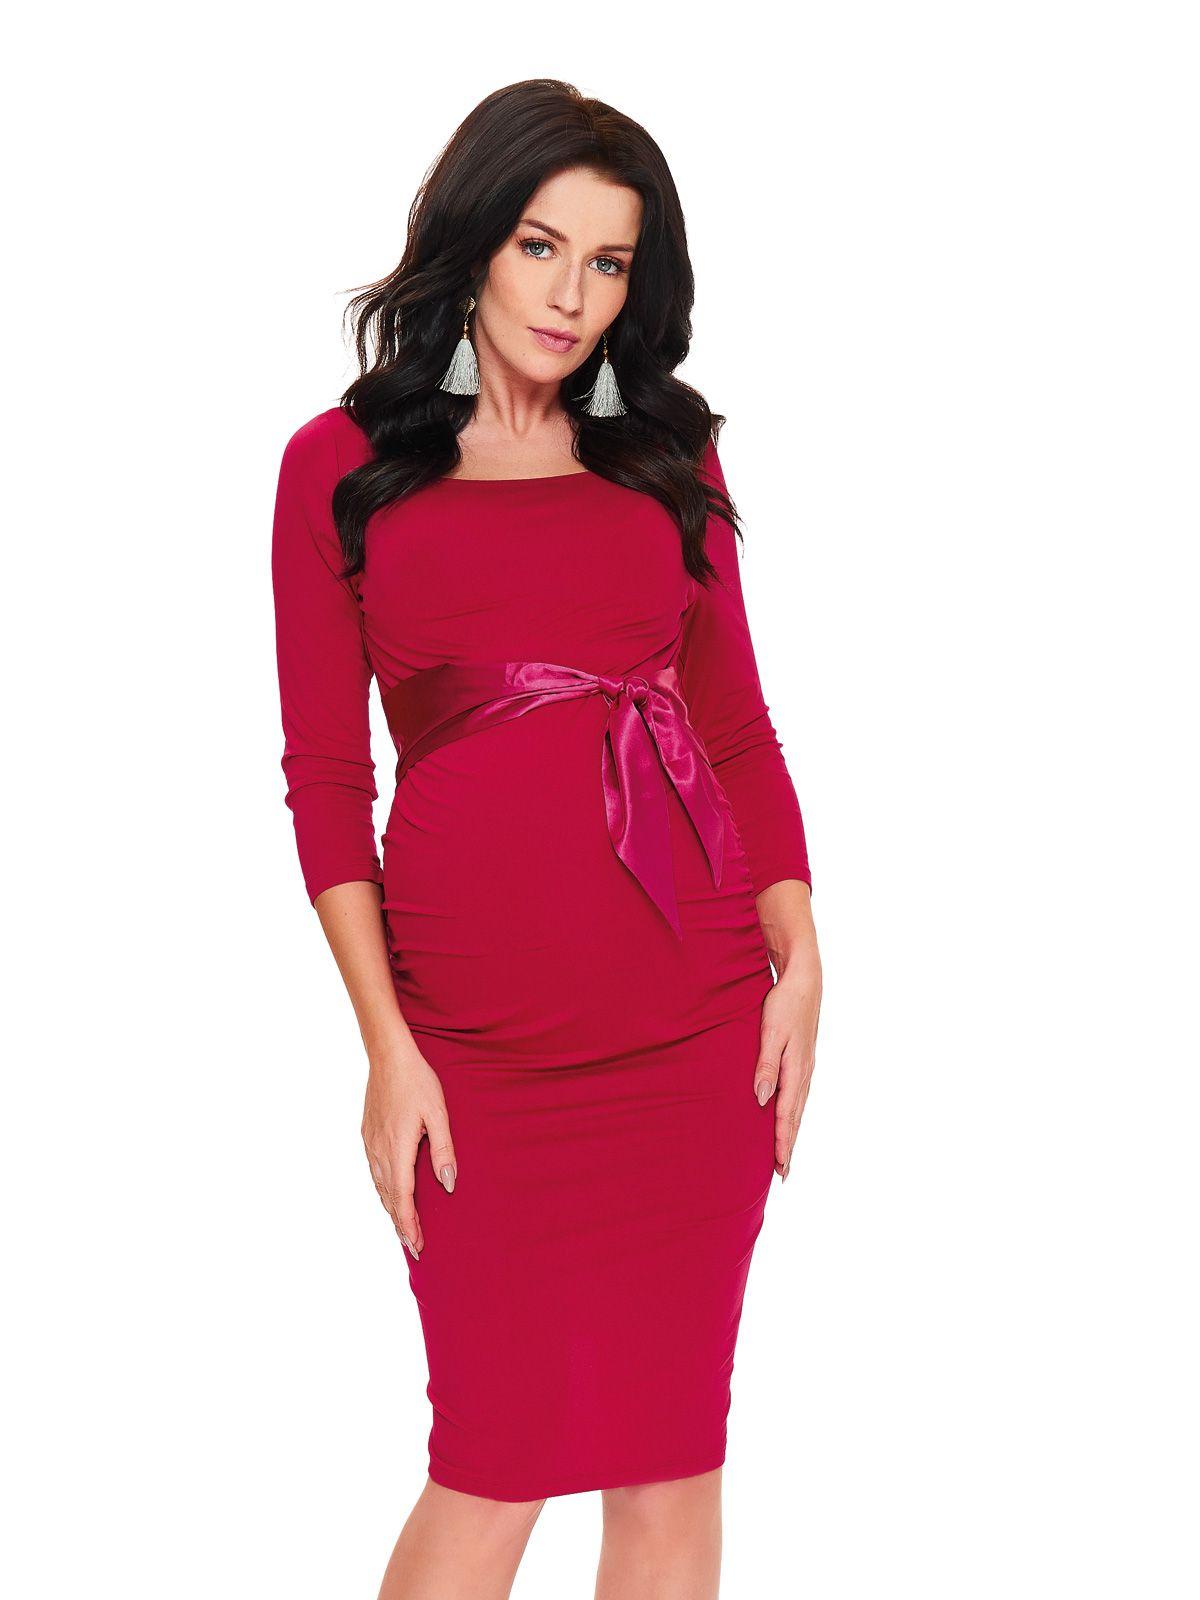 ef851c76 Elegancka, klasyczna sukienka ciążowa z wiązaniem pod biustem ...